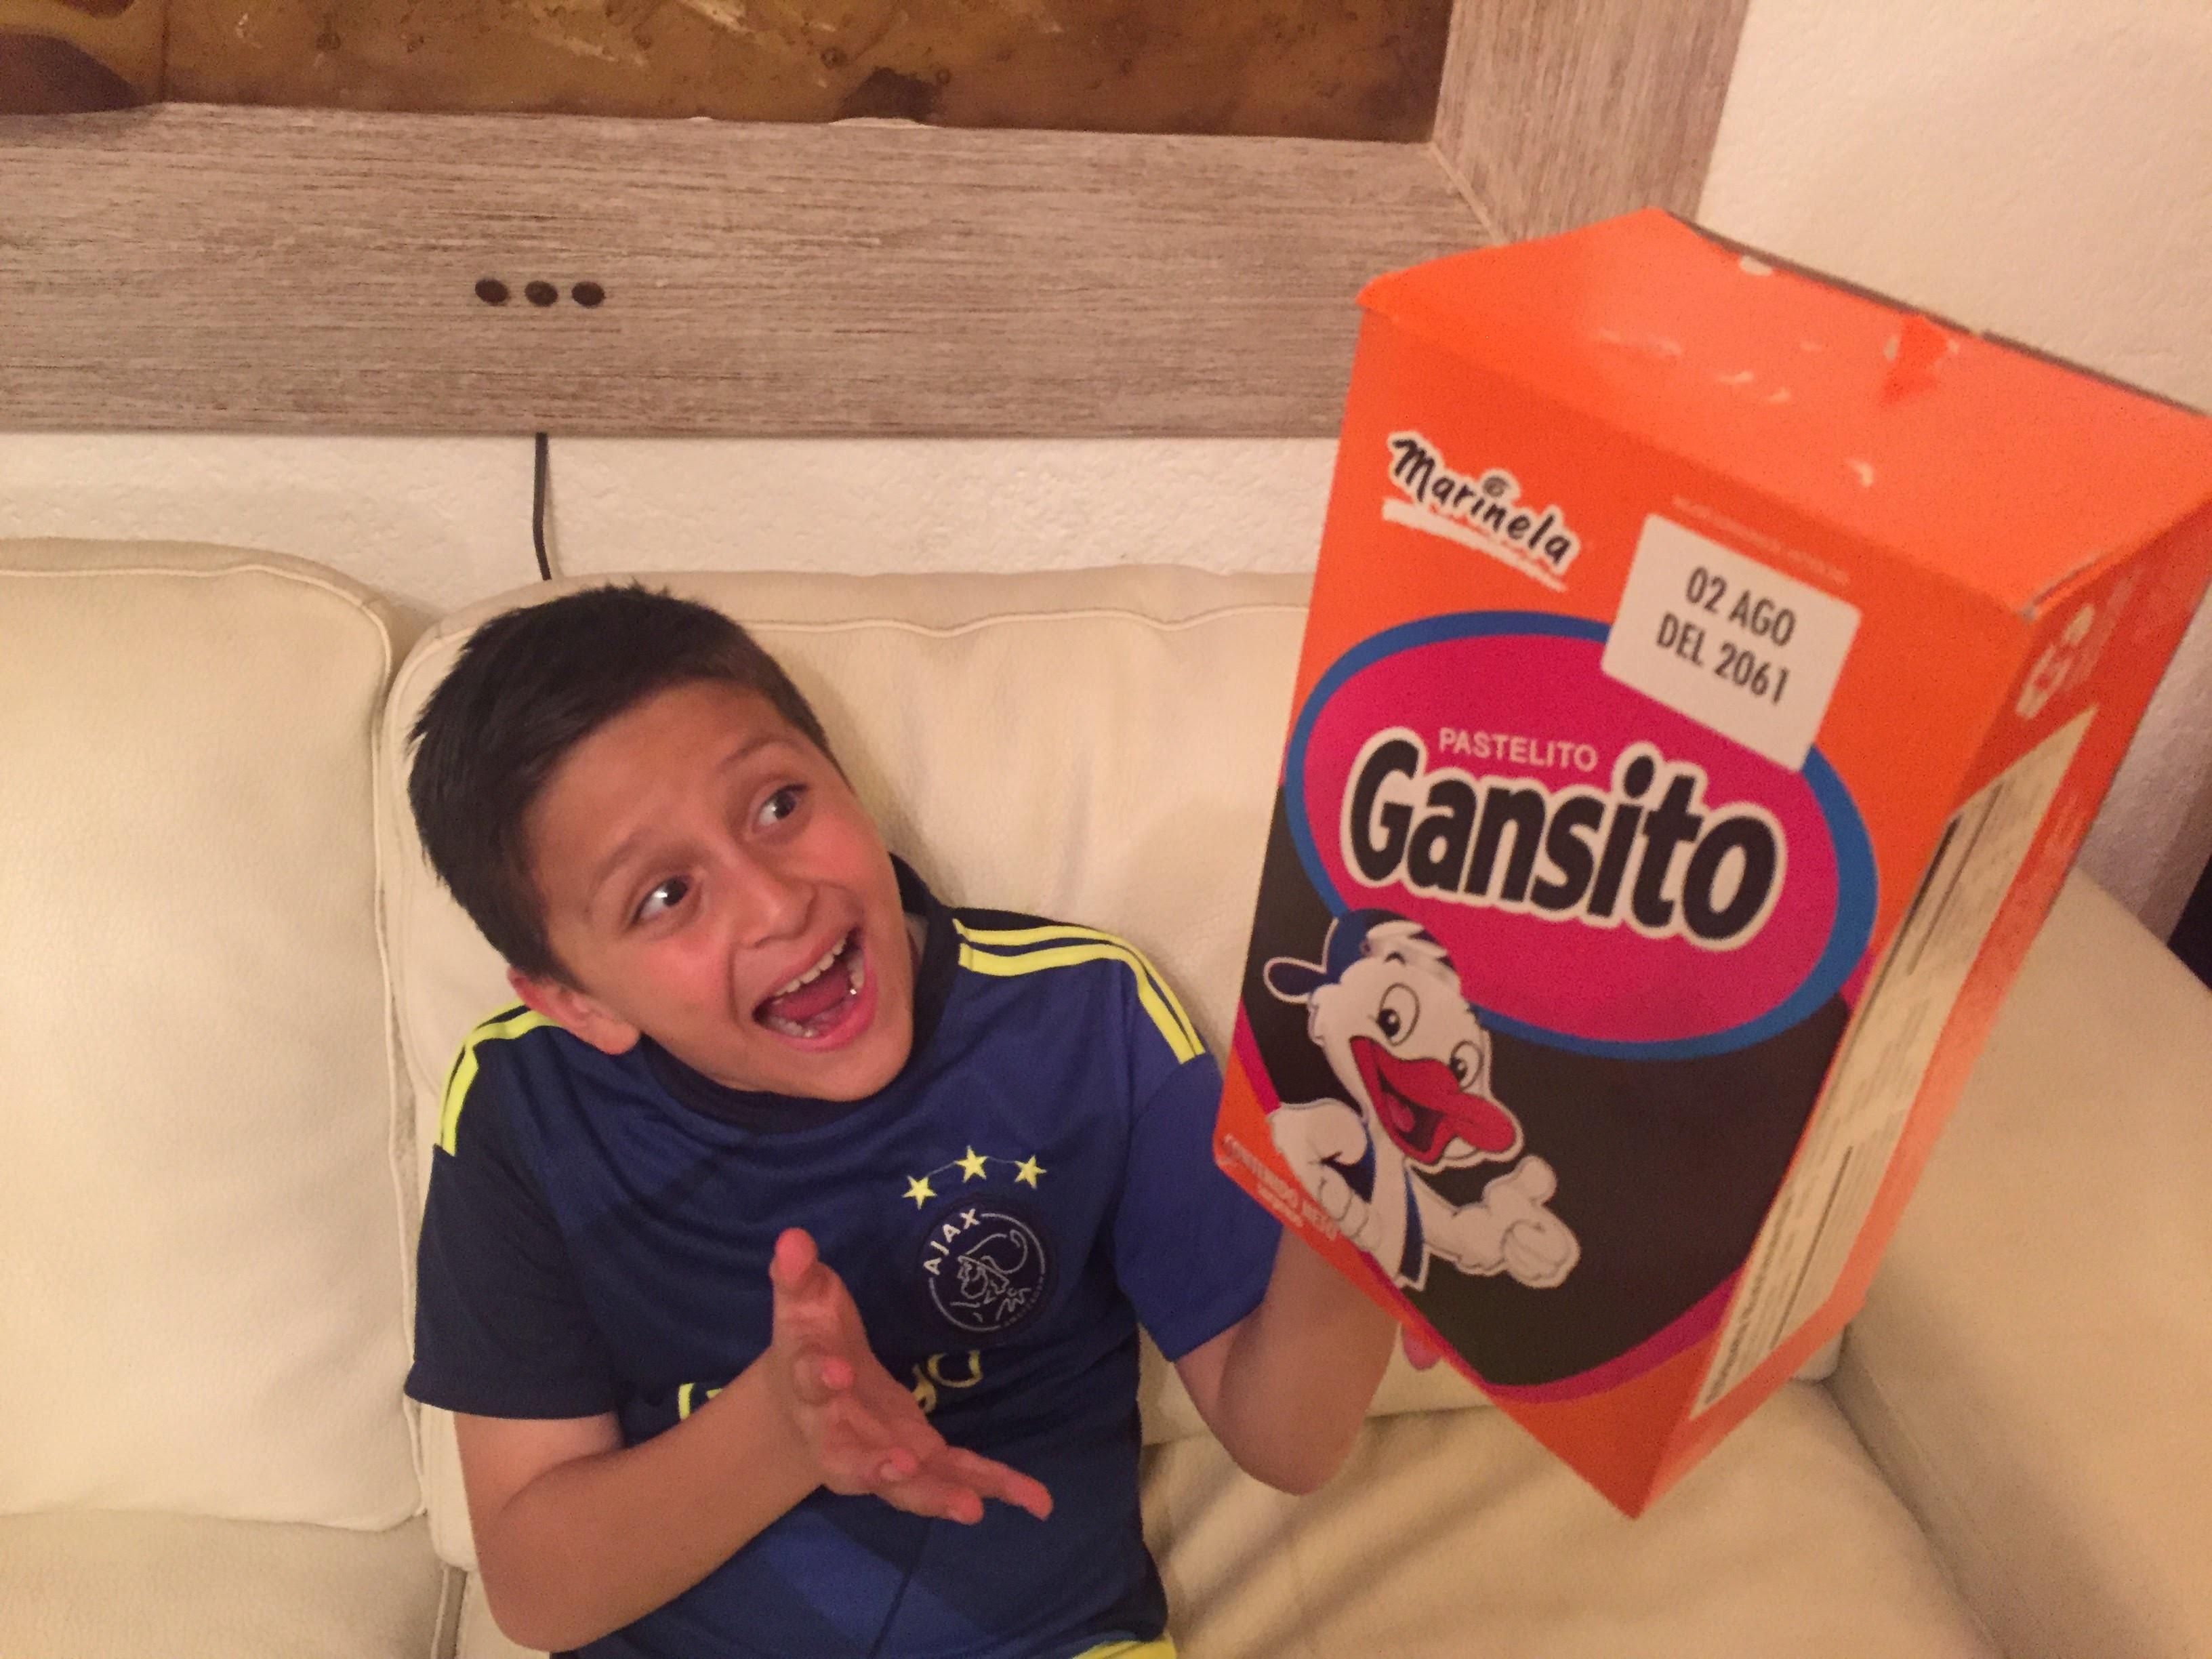 DIY Marinela Gansito Giant Cake - Como Hacer Pastel Gigante de Gansito en unos minutos.